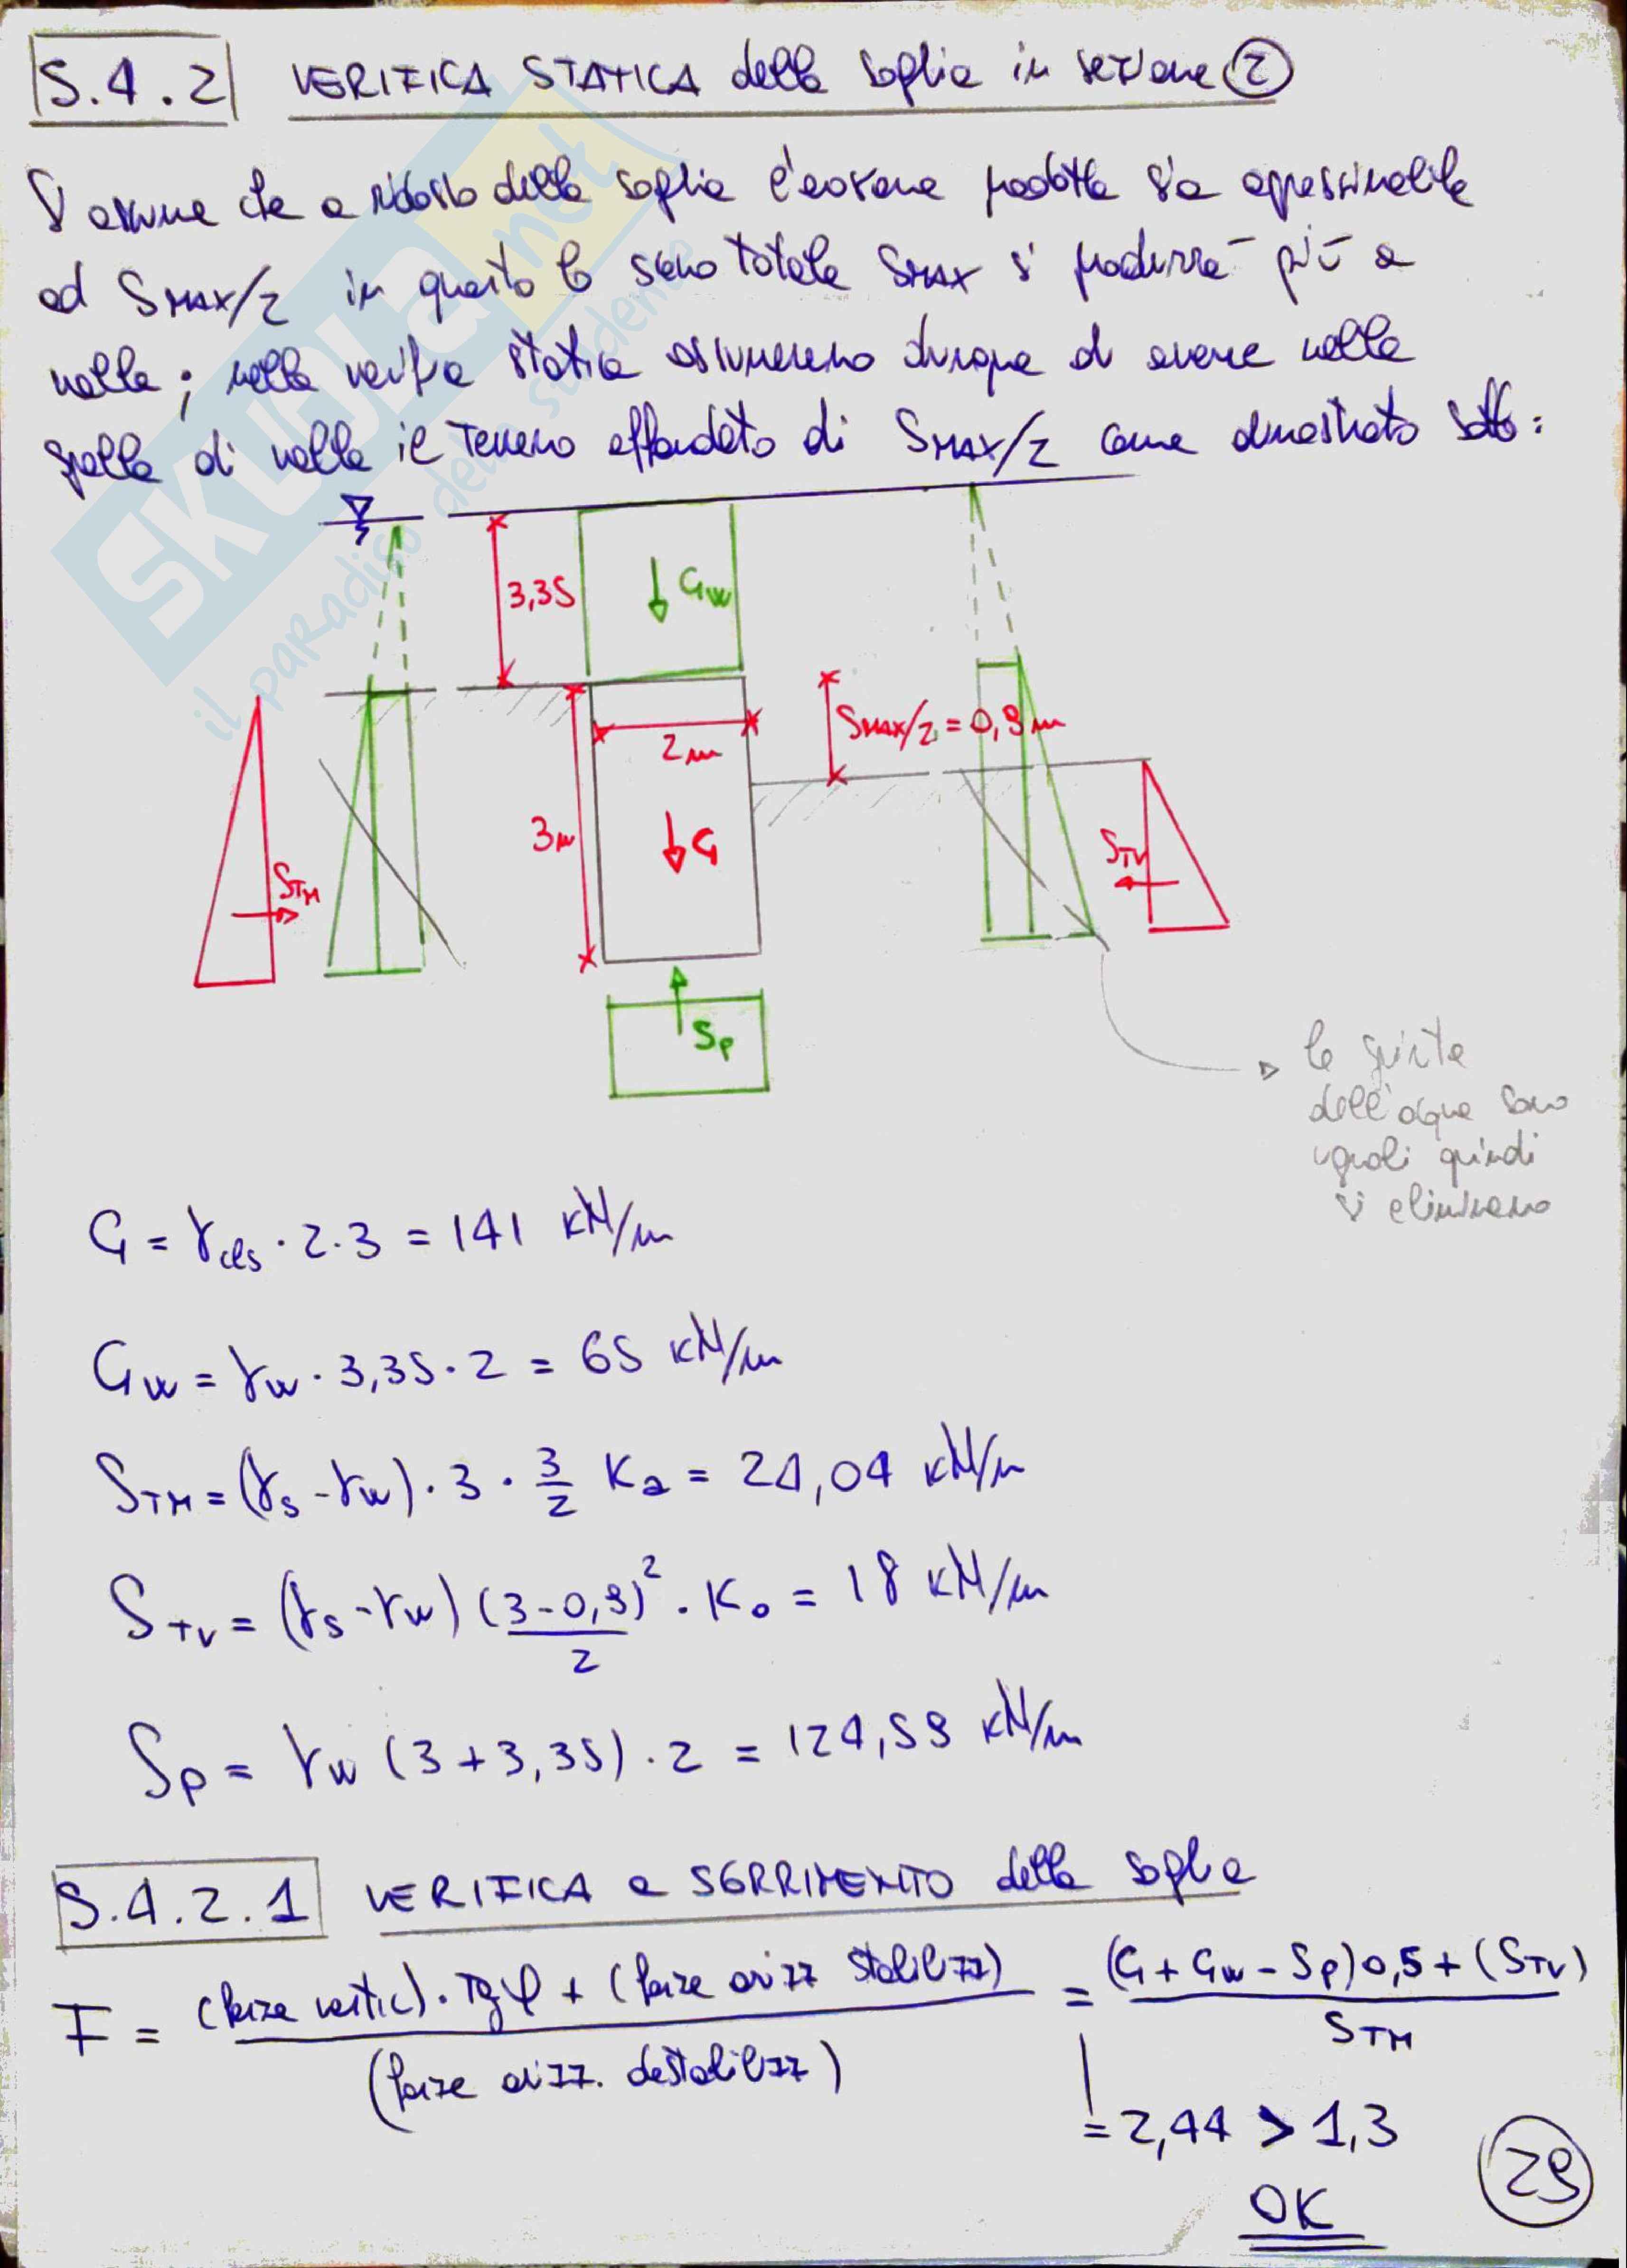 Costruzioni idrauliche 2 (River Engineering) - Temi svolti Pag. 31